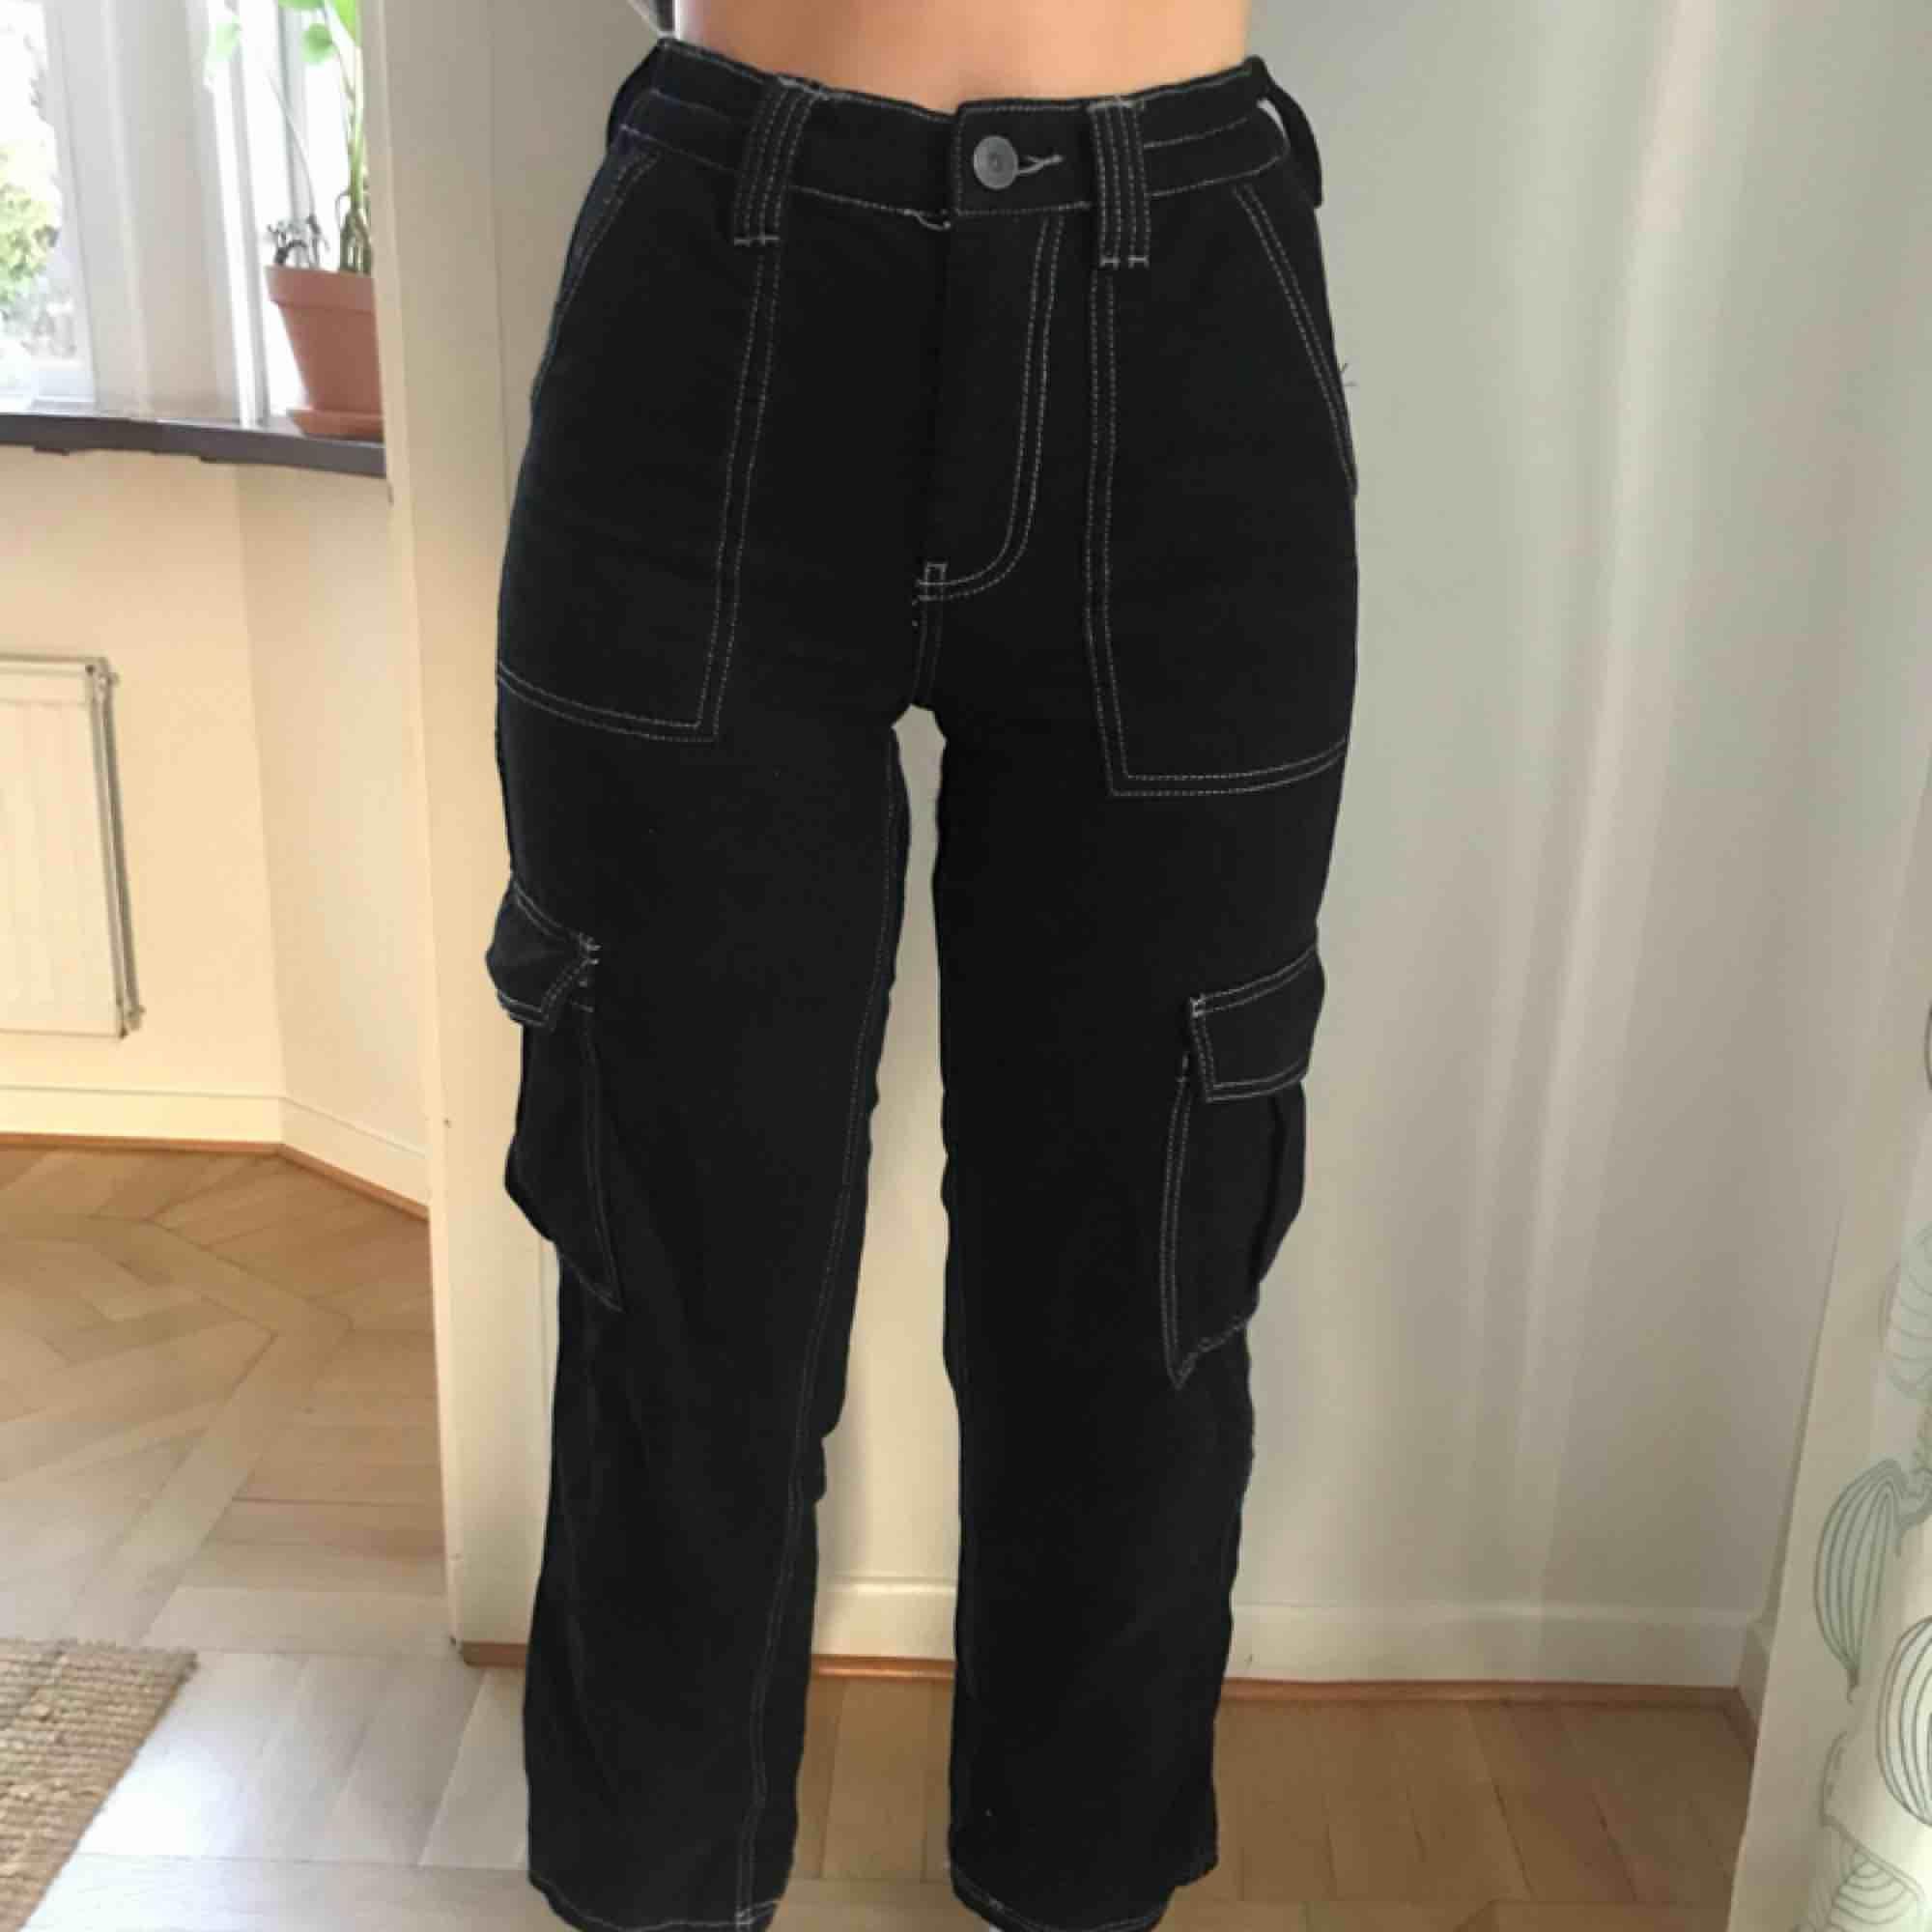 Så sjukt snygga svarta jeans med vita sömmar ifrån Urban outfitters! Sparsamt använda och i mycket bra skick. Köparen står för frakt och betalning sker via swish💕. Jeans & Byxor.